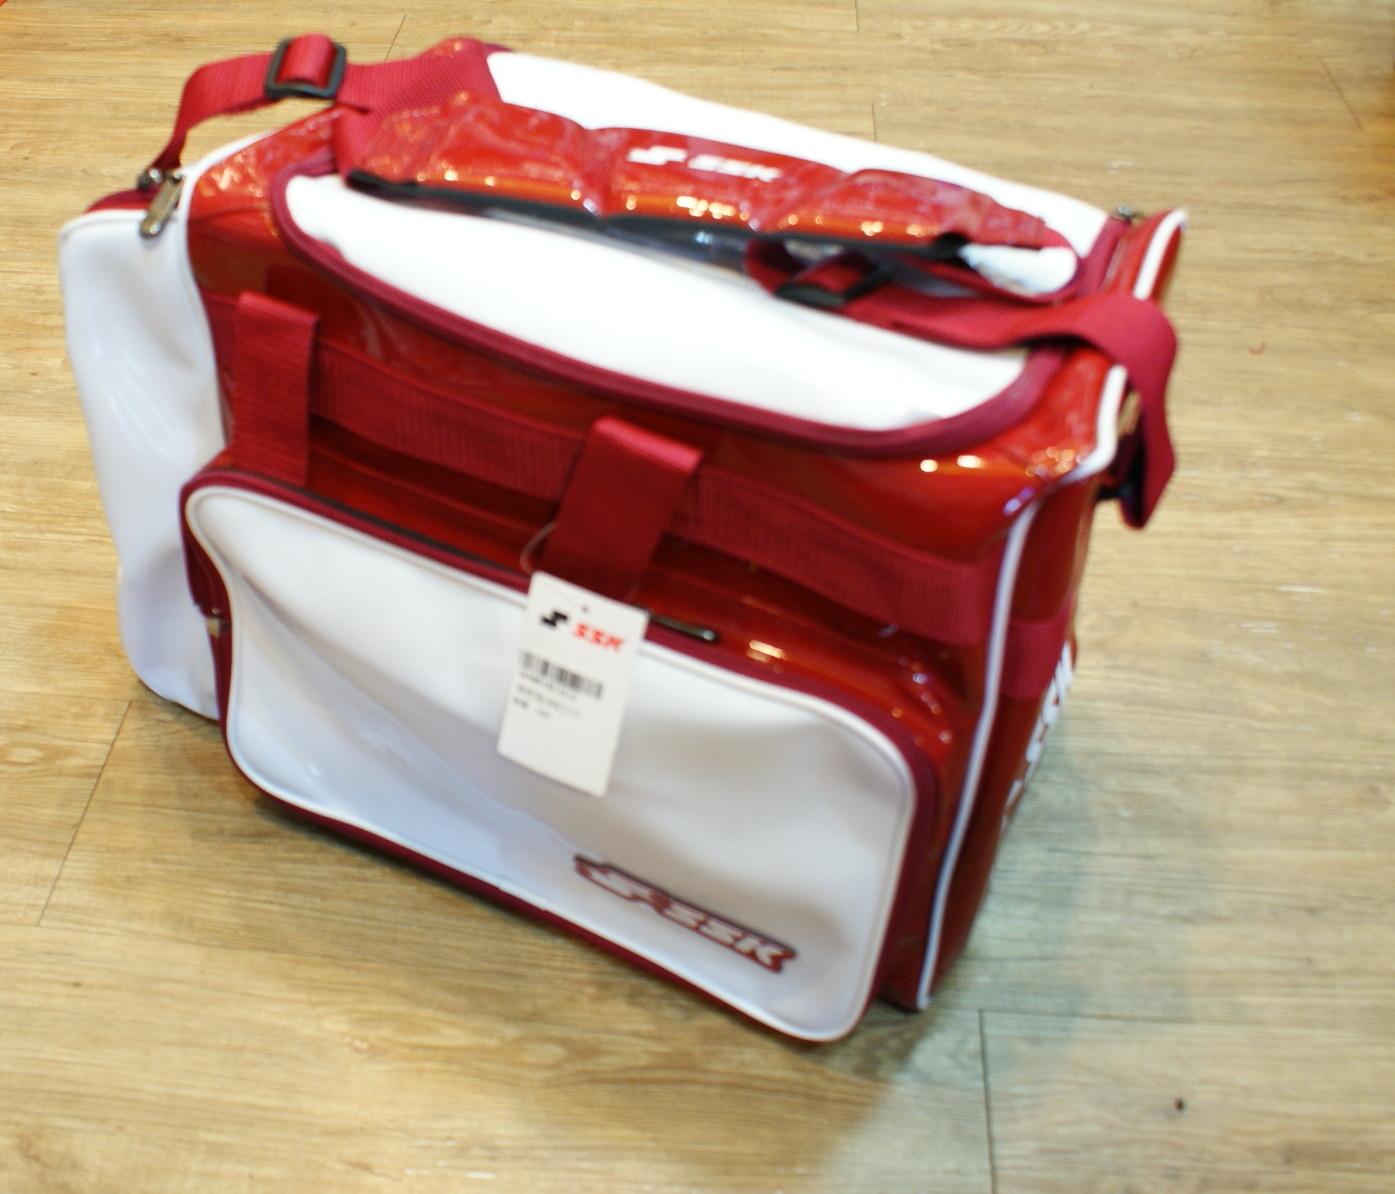 棒球世界 SSK13年新款個人裝備袋 特價 白紅樣式配色